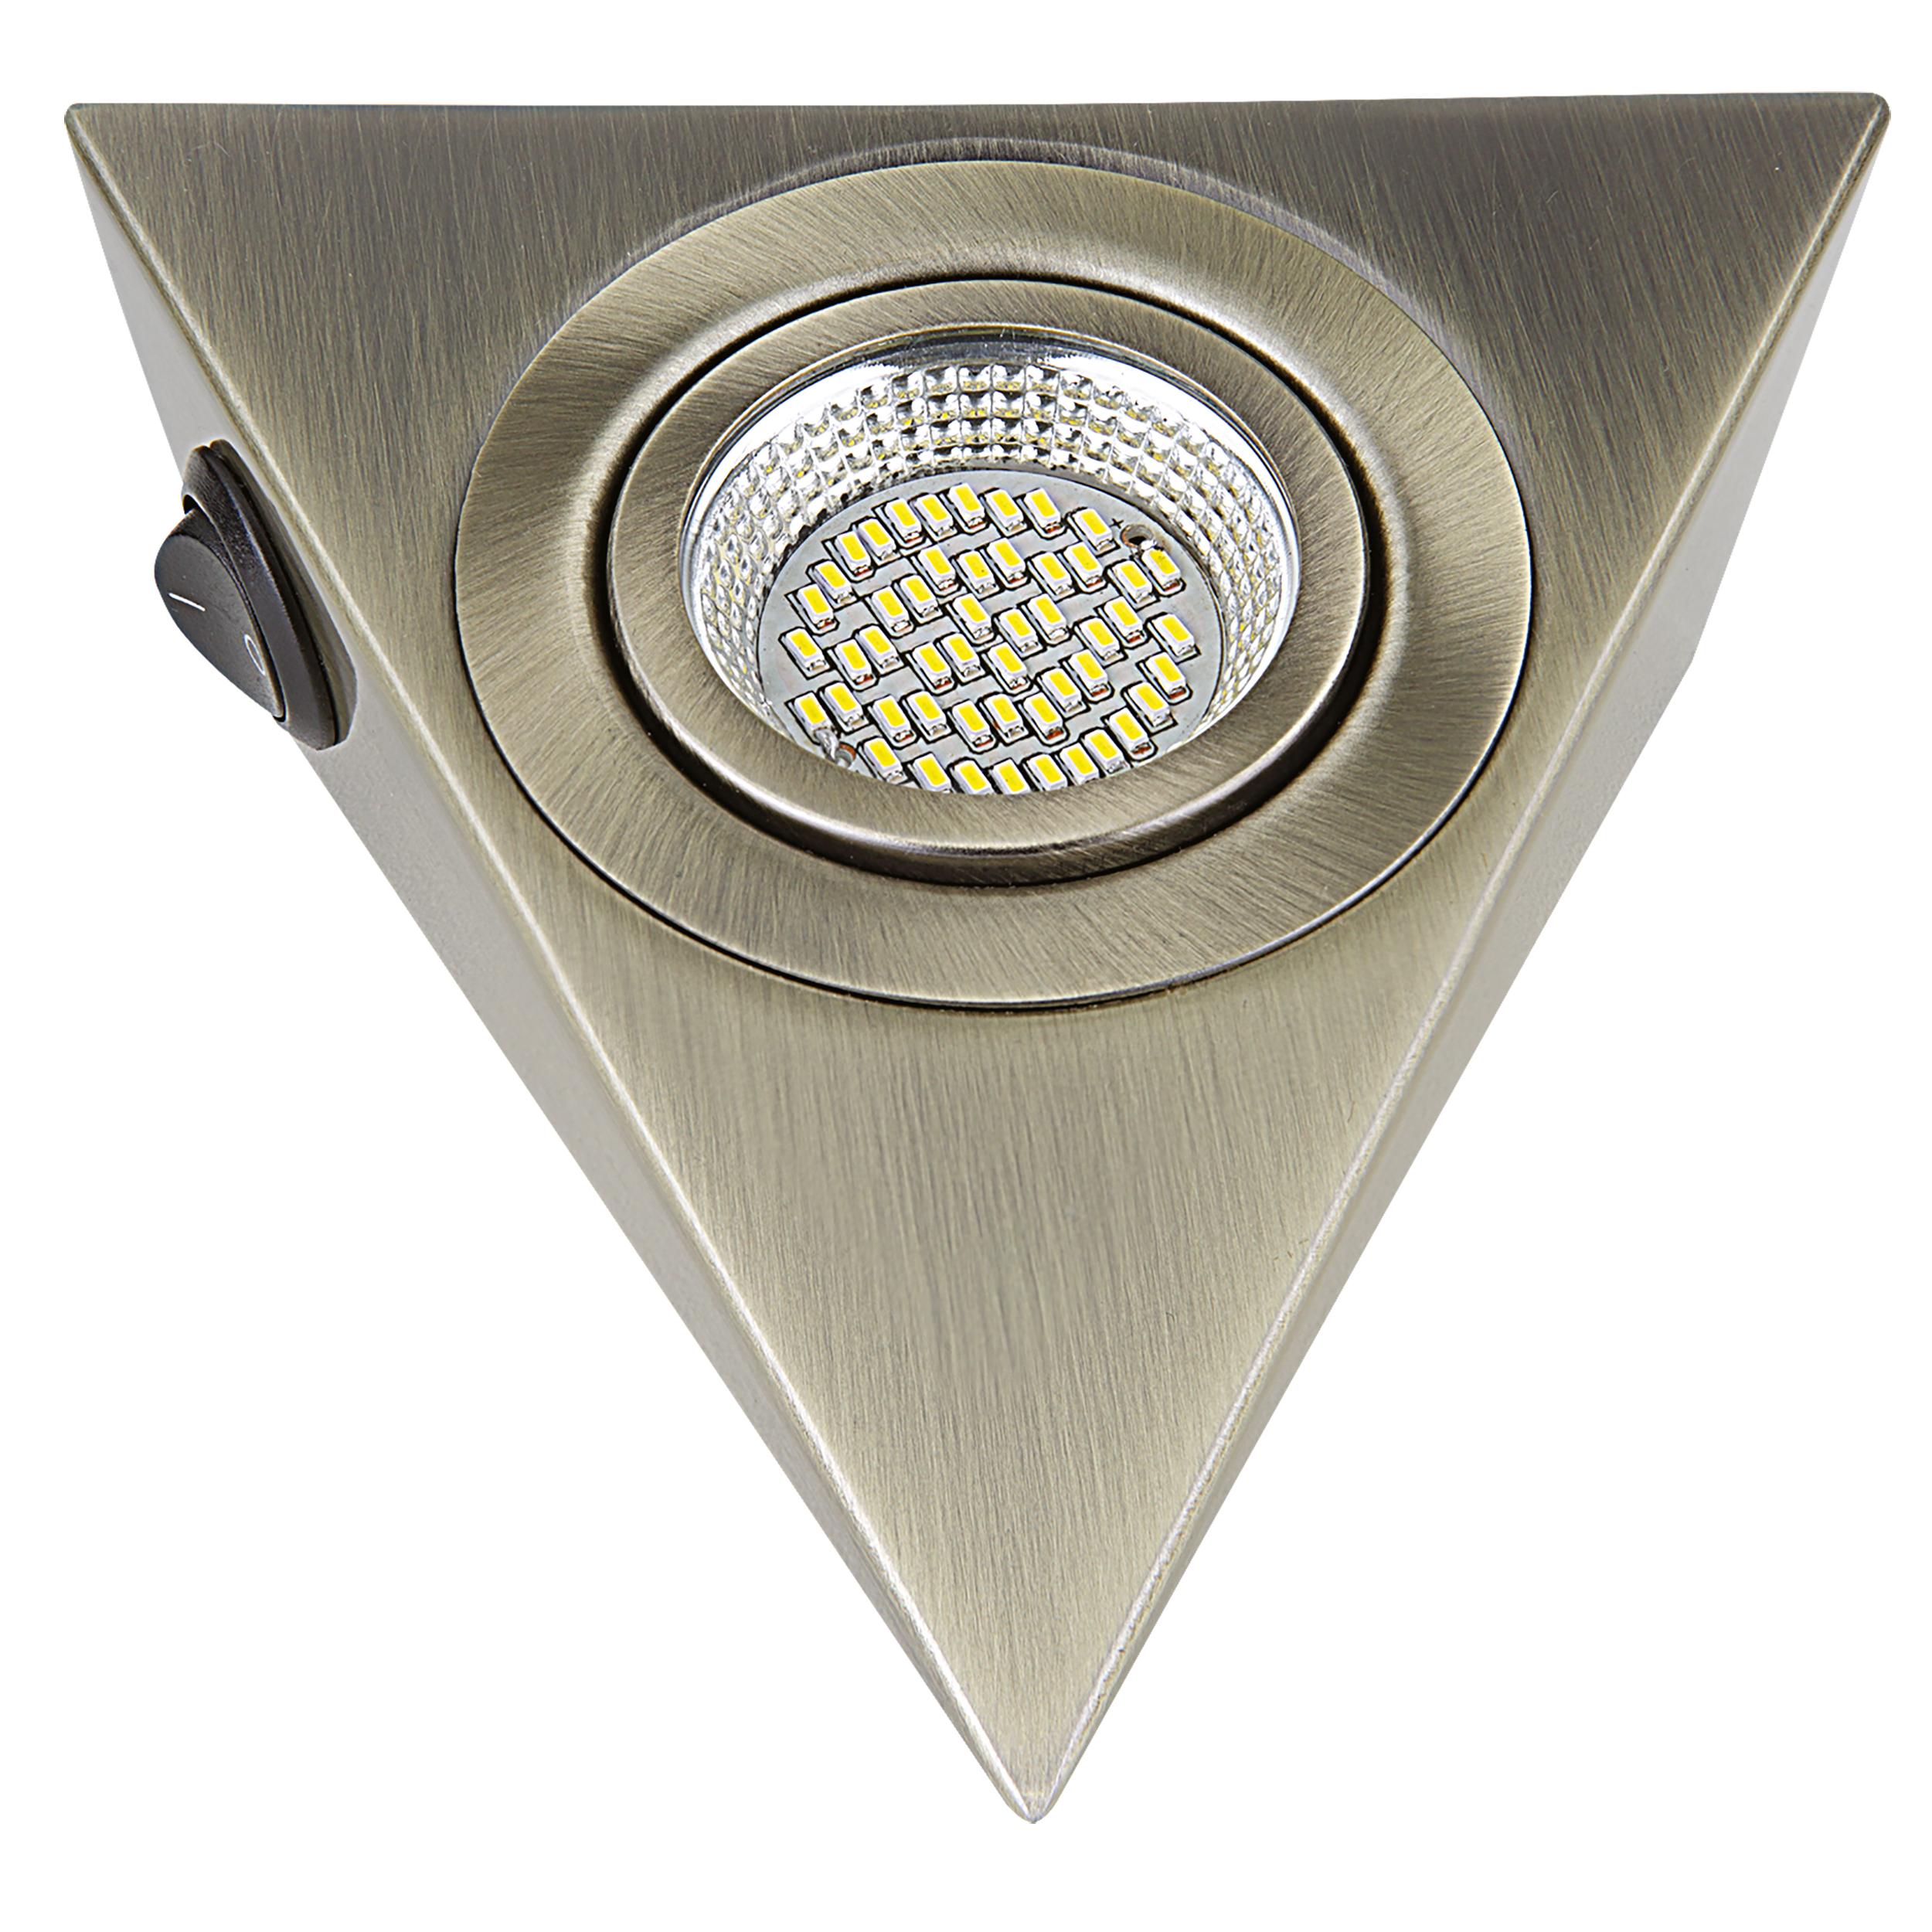 Мебельный светодиодный светильник Lightstar MobiLED Ango 003141, LED 3,5W 3000K 270lm, бронза, металл - фото 1